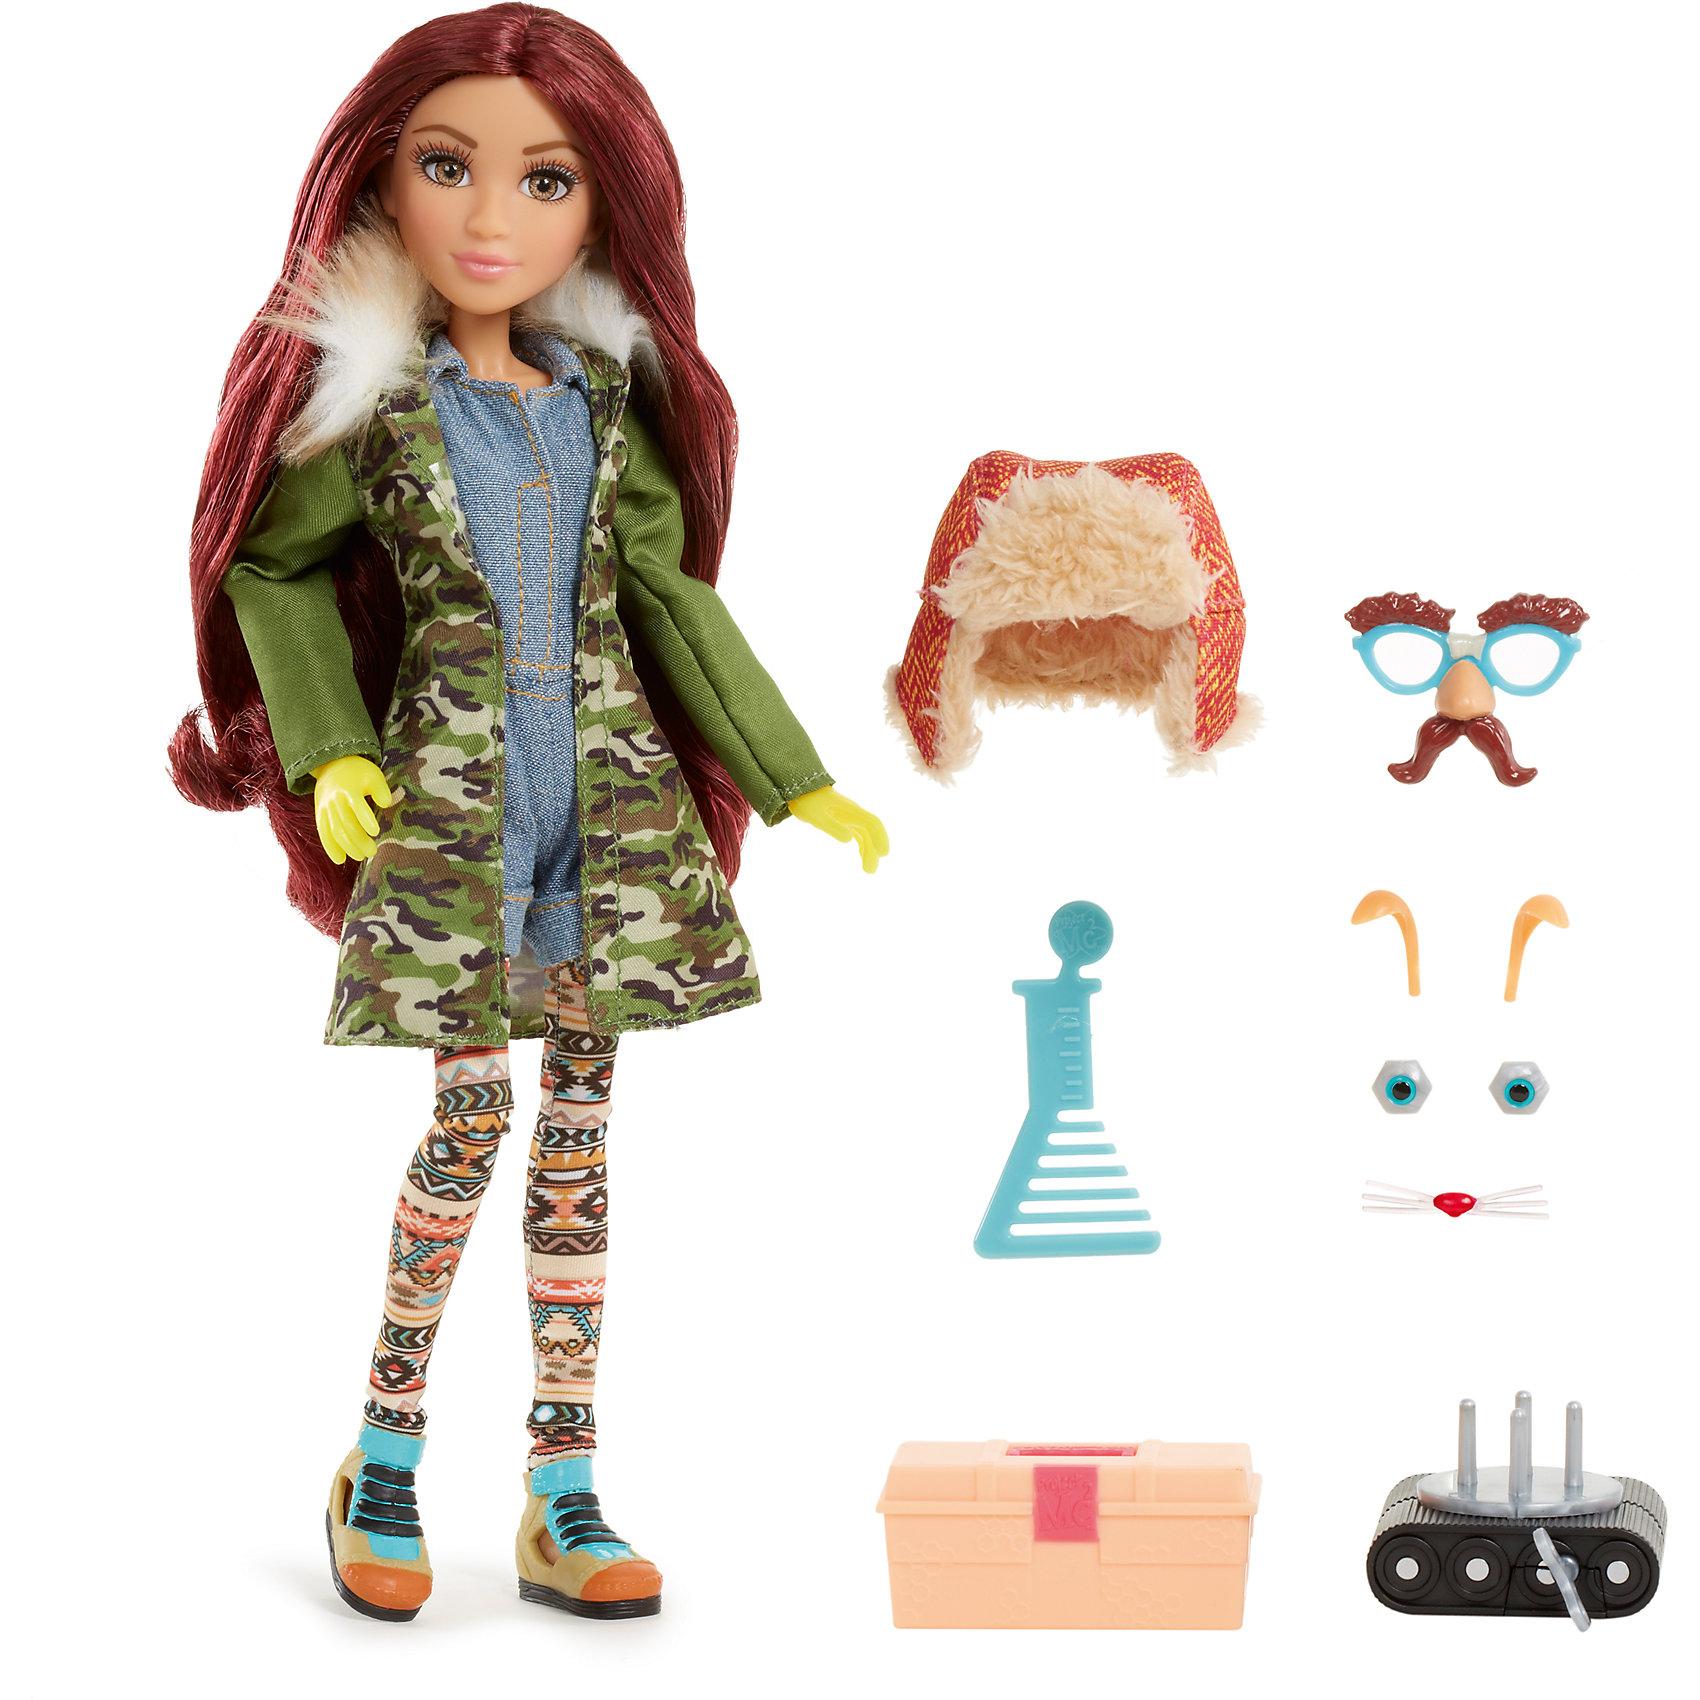 - Кукла делюкс Камрин, Project Mс2 mga entertainment project mс2 детектор лжи